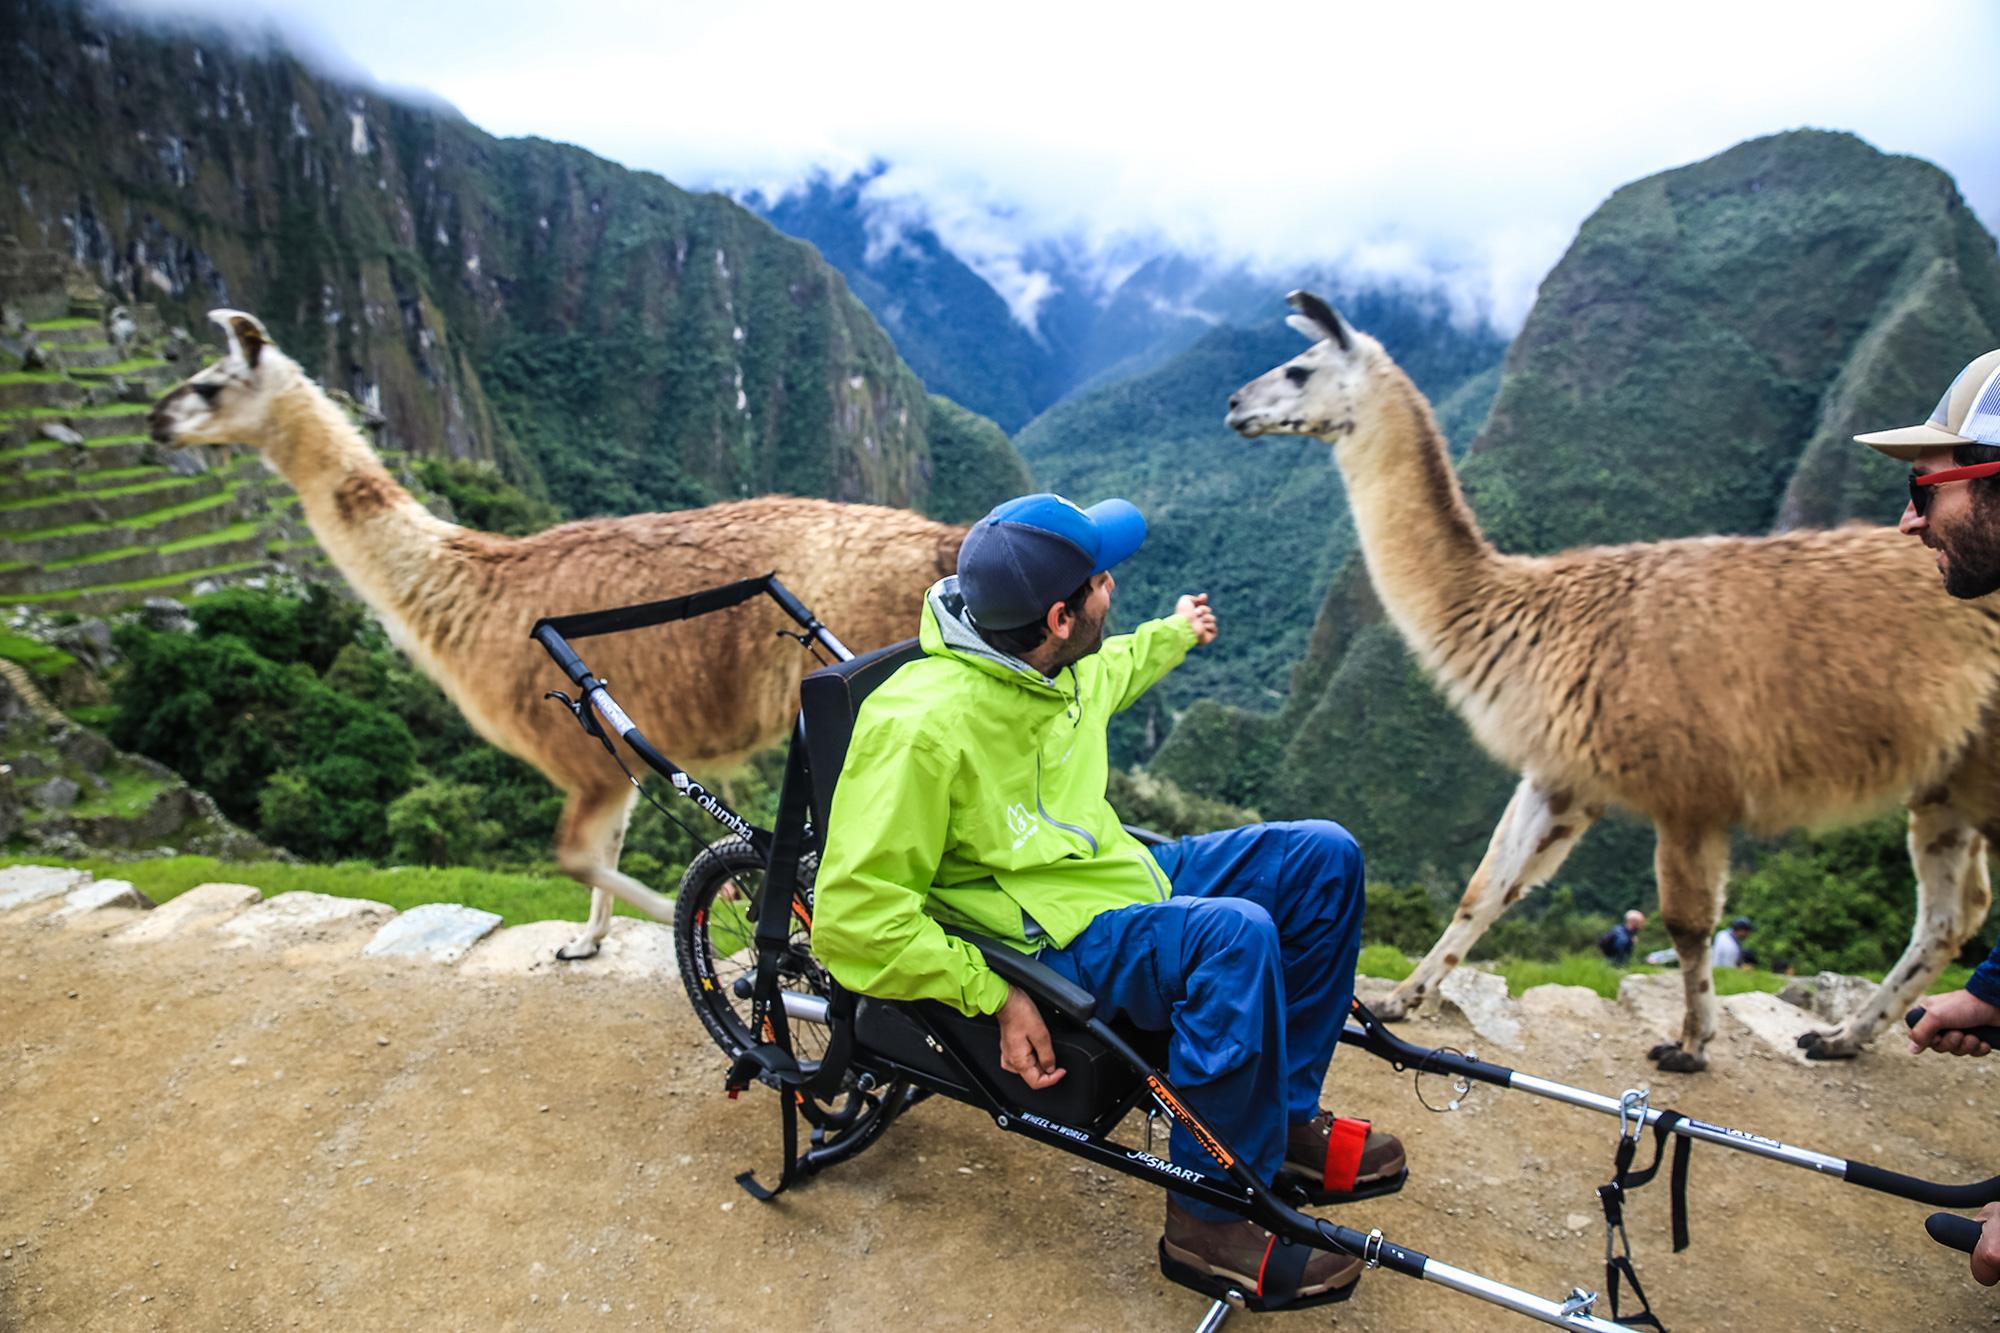 Cadeirante com lhamas em Machu Picchu, Cusco, Peru